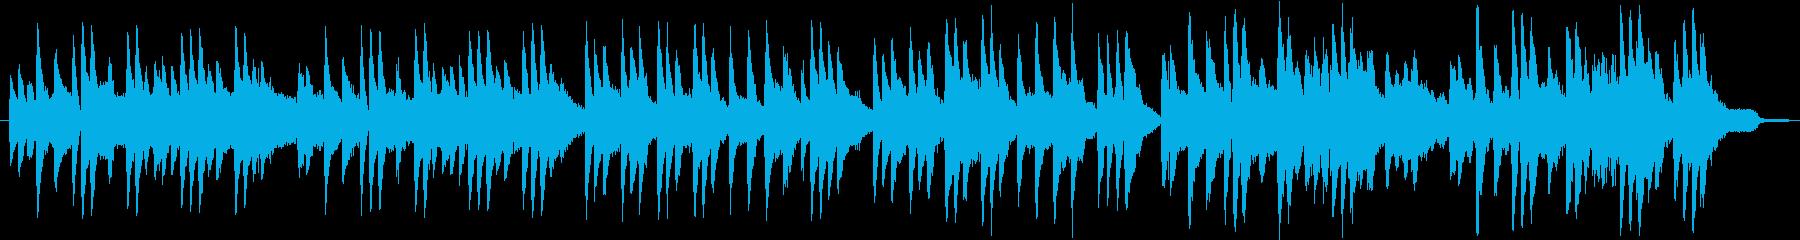 ギターとピアノのクラシカル美メロインストの再生済みの波形